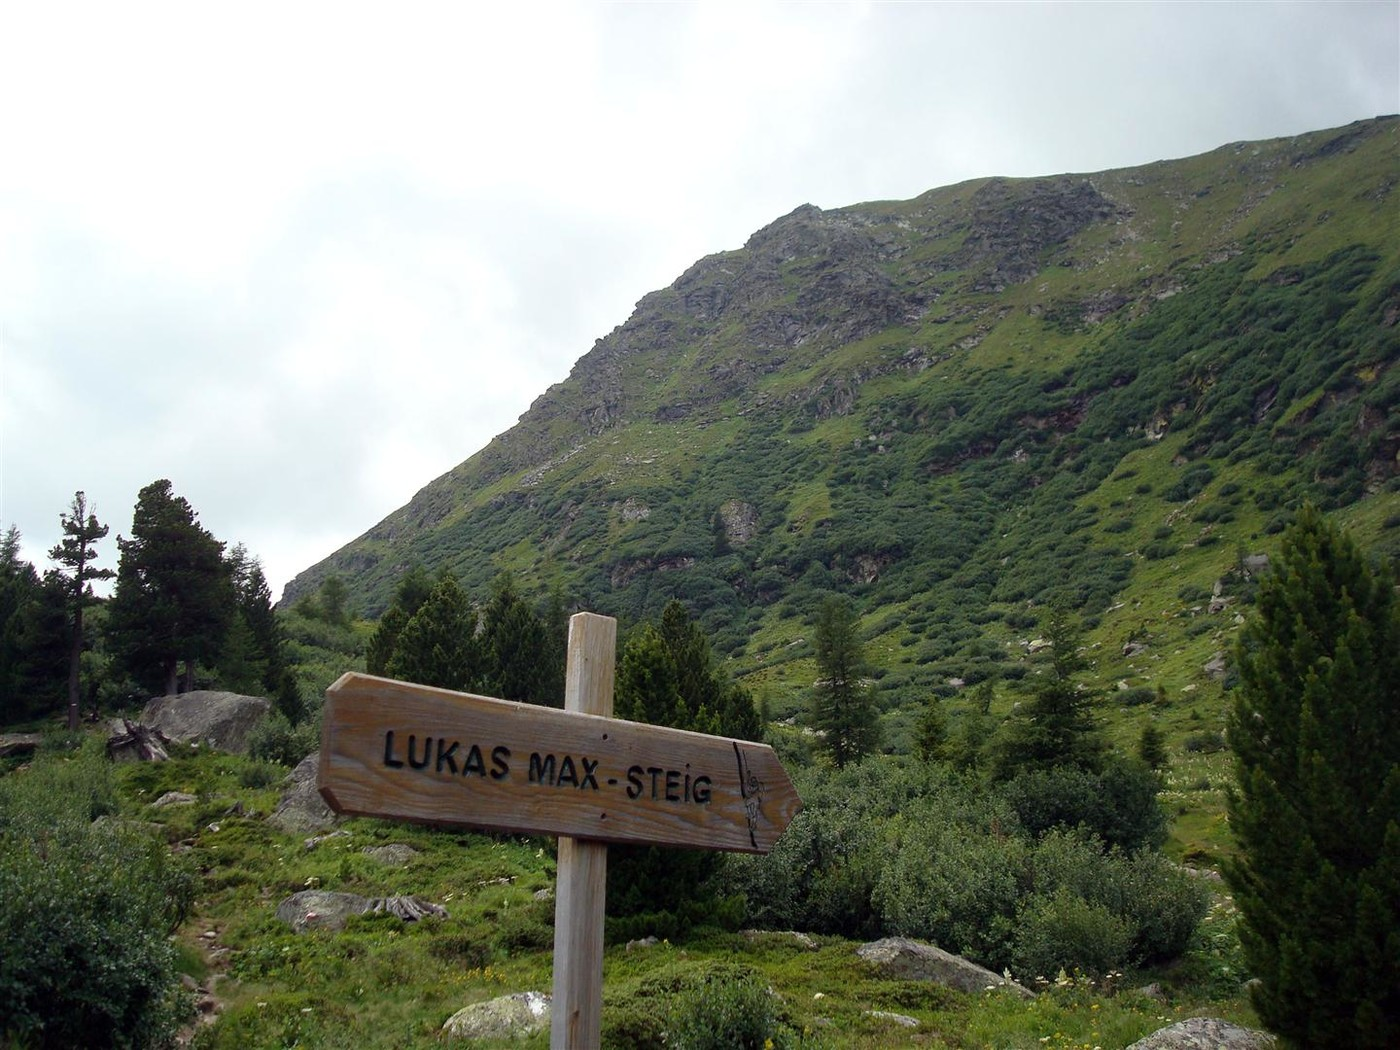 Klettersteig Zauchensee : Lukas max klettersteig kreiskogel seetaler alpe